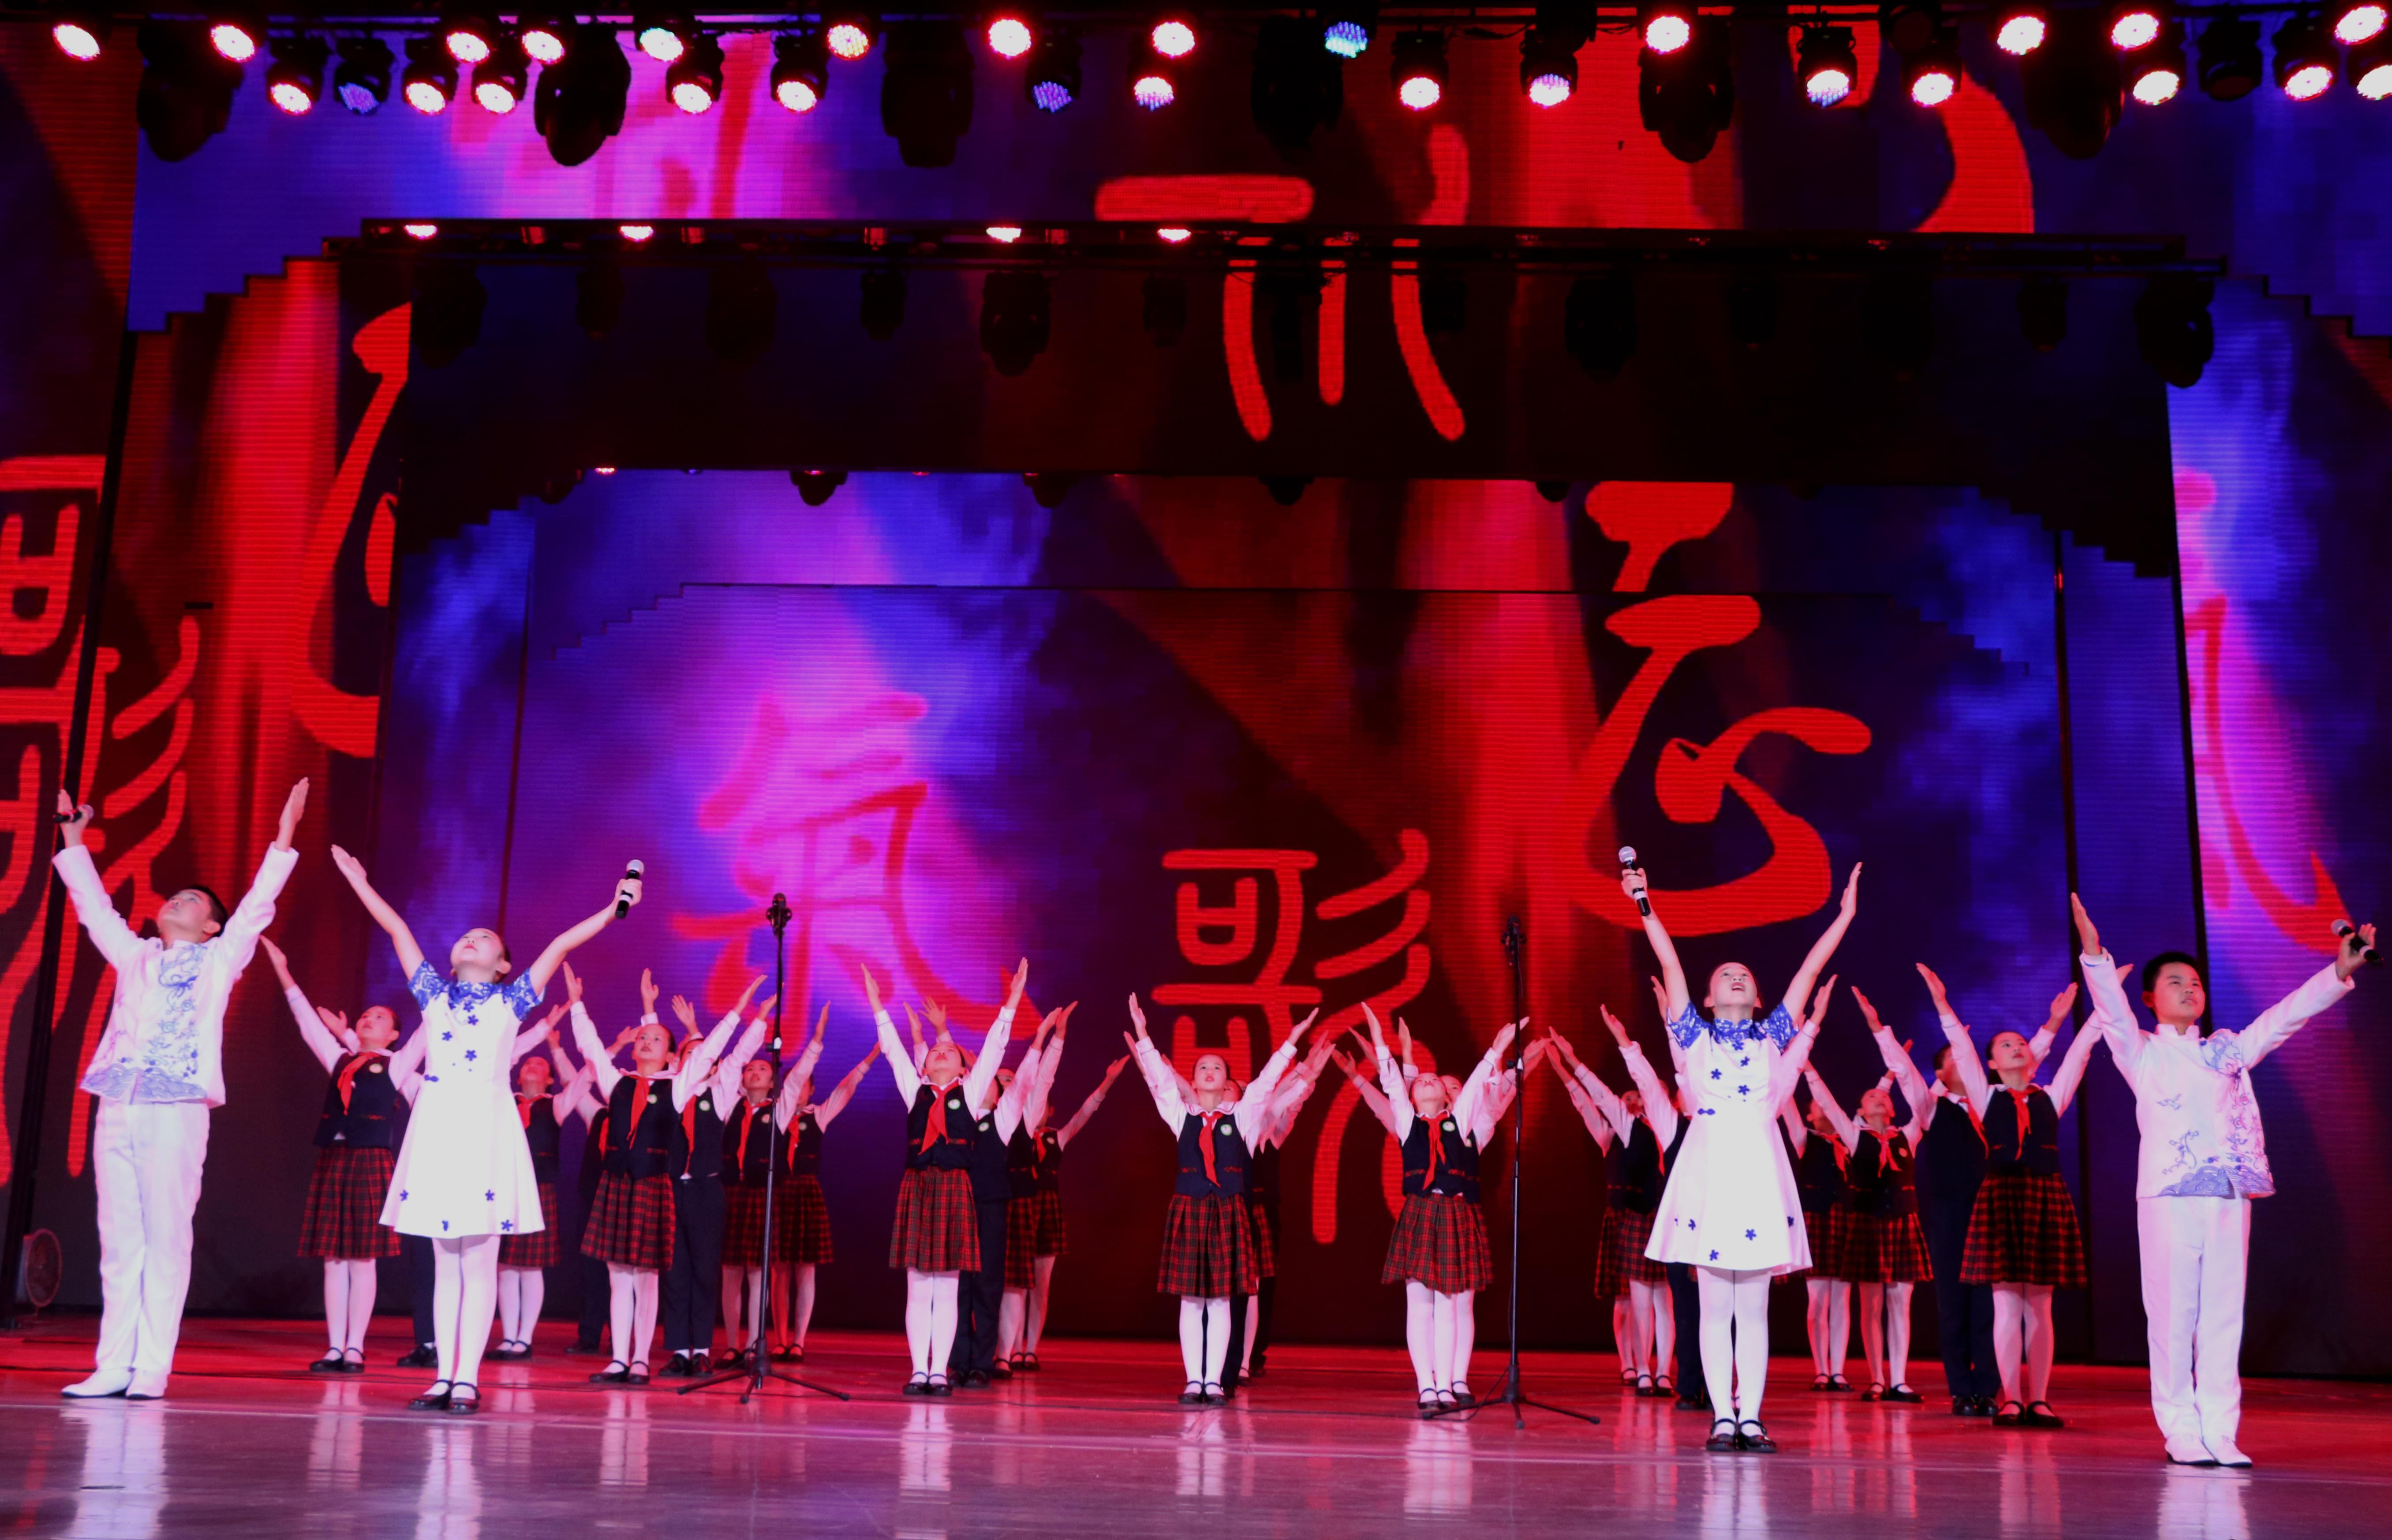 文化水袖舞出绚烂春天 ——深圳宝安松岗街道党建引领文化发展成果综述